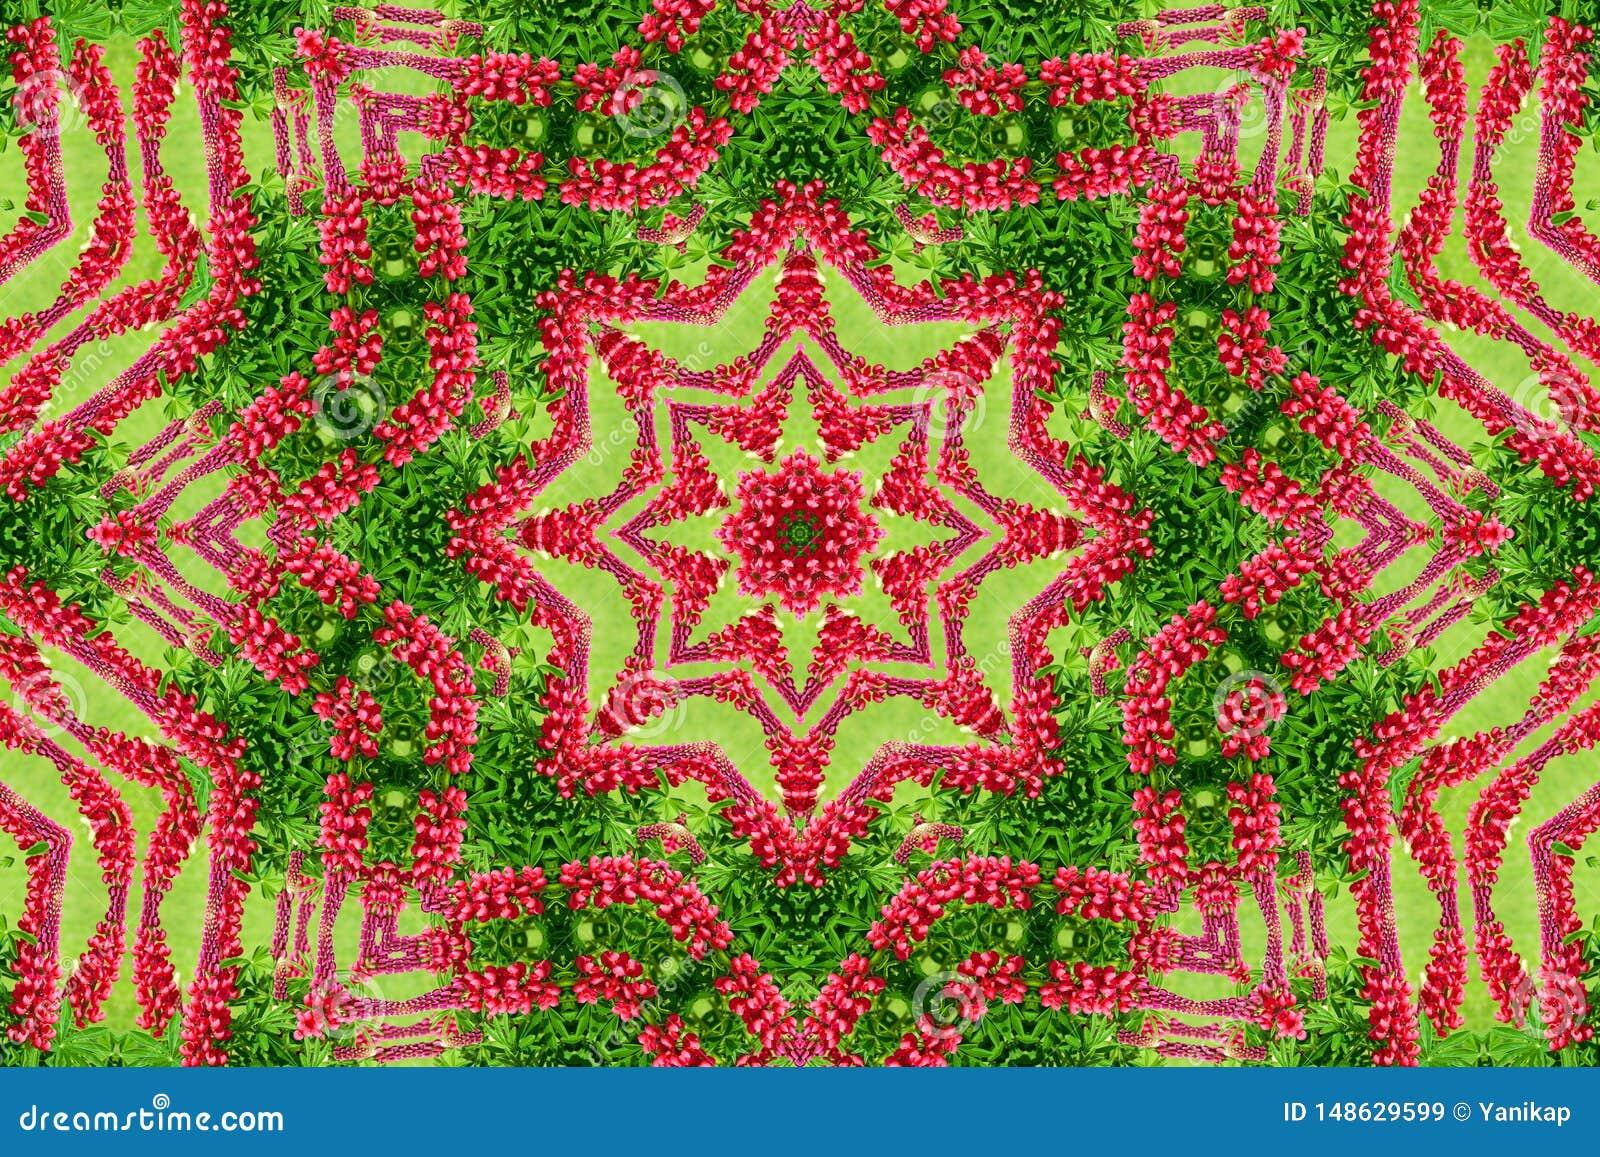 Αφηρημένο υπόβαθρο του σχεδίου λουλουδιών ενός καλειδοσκόπιου